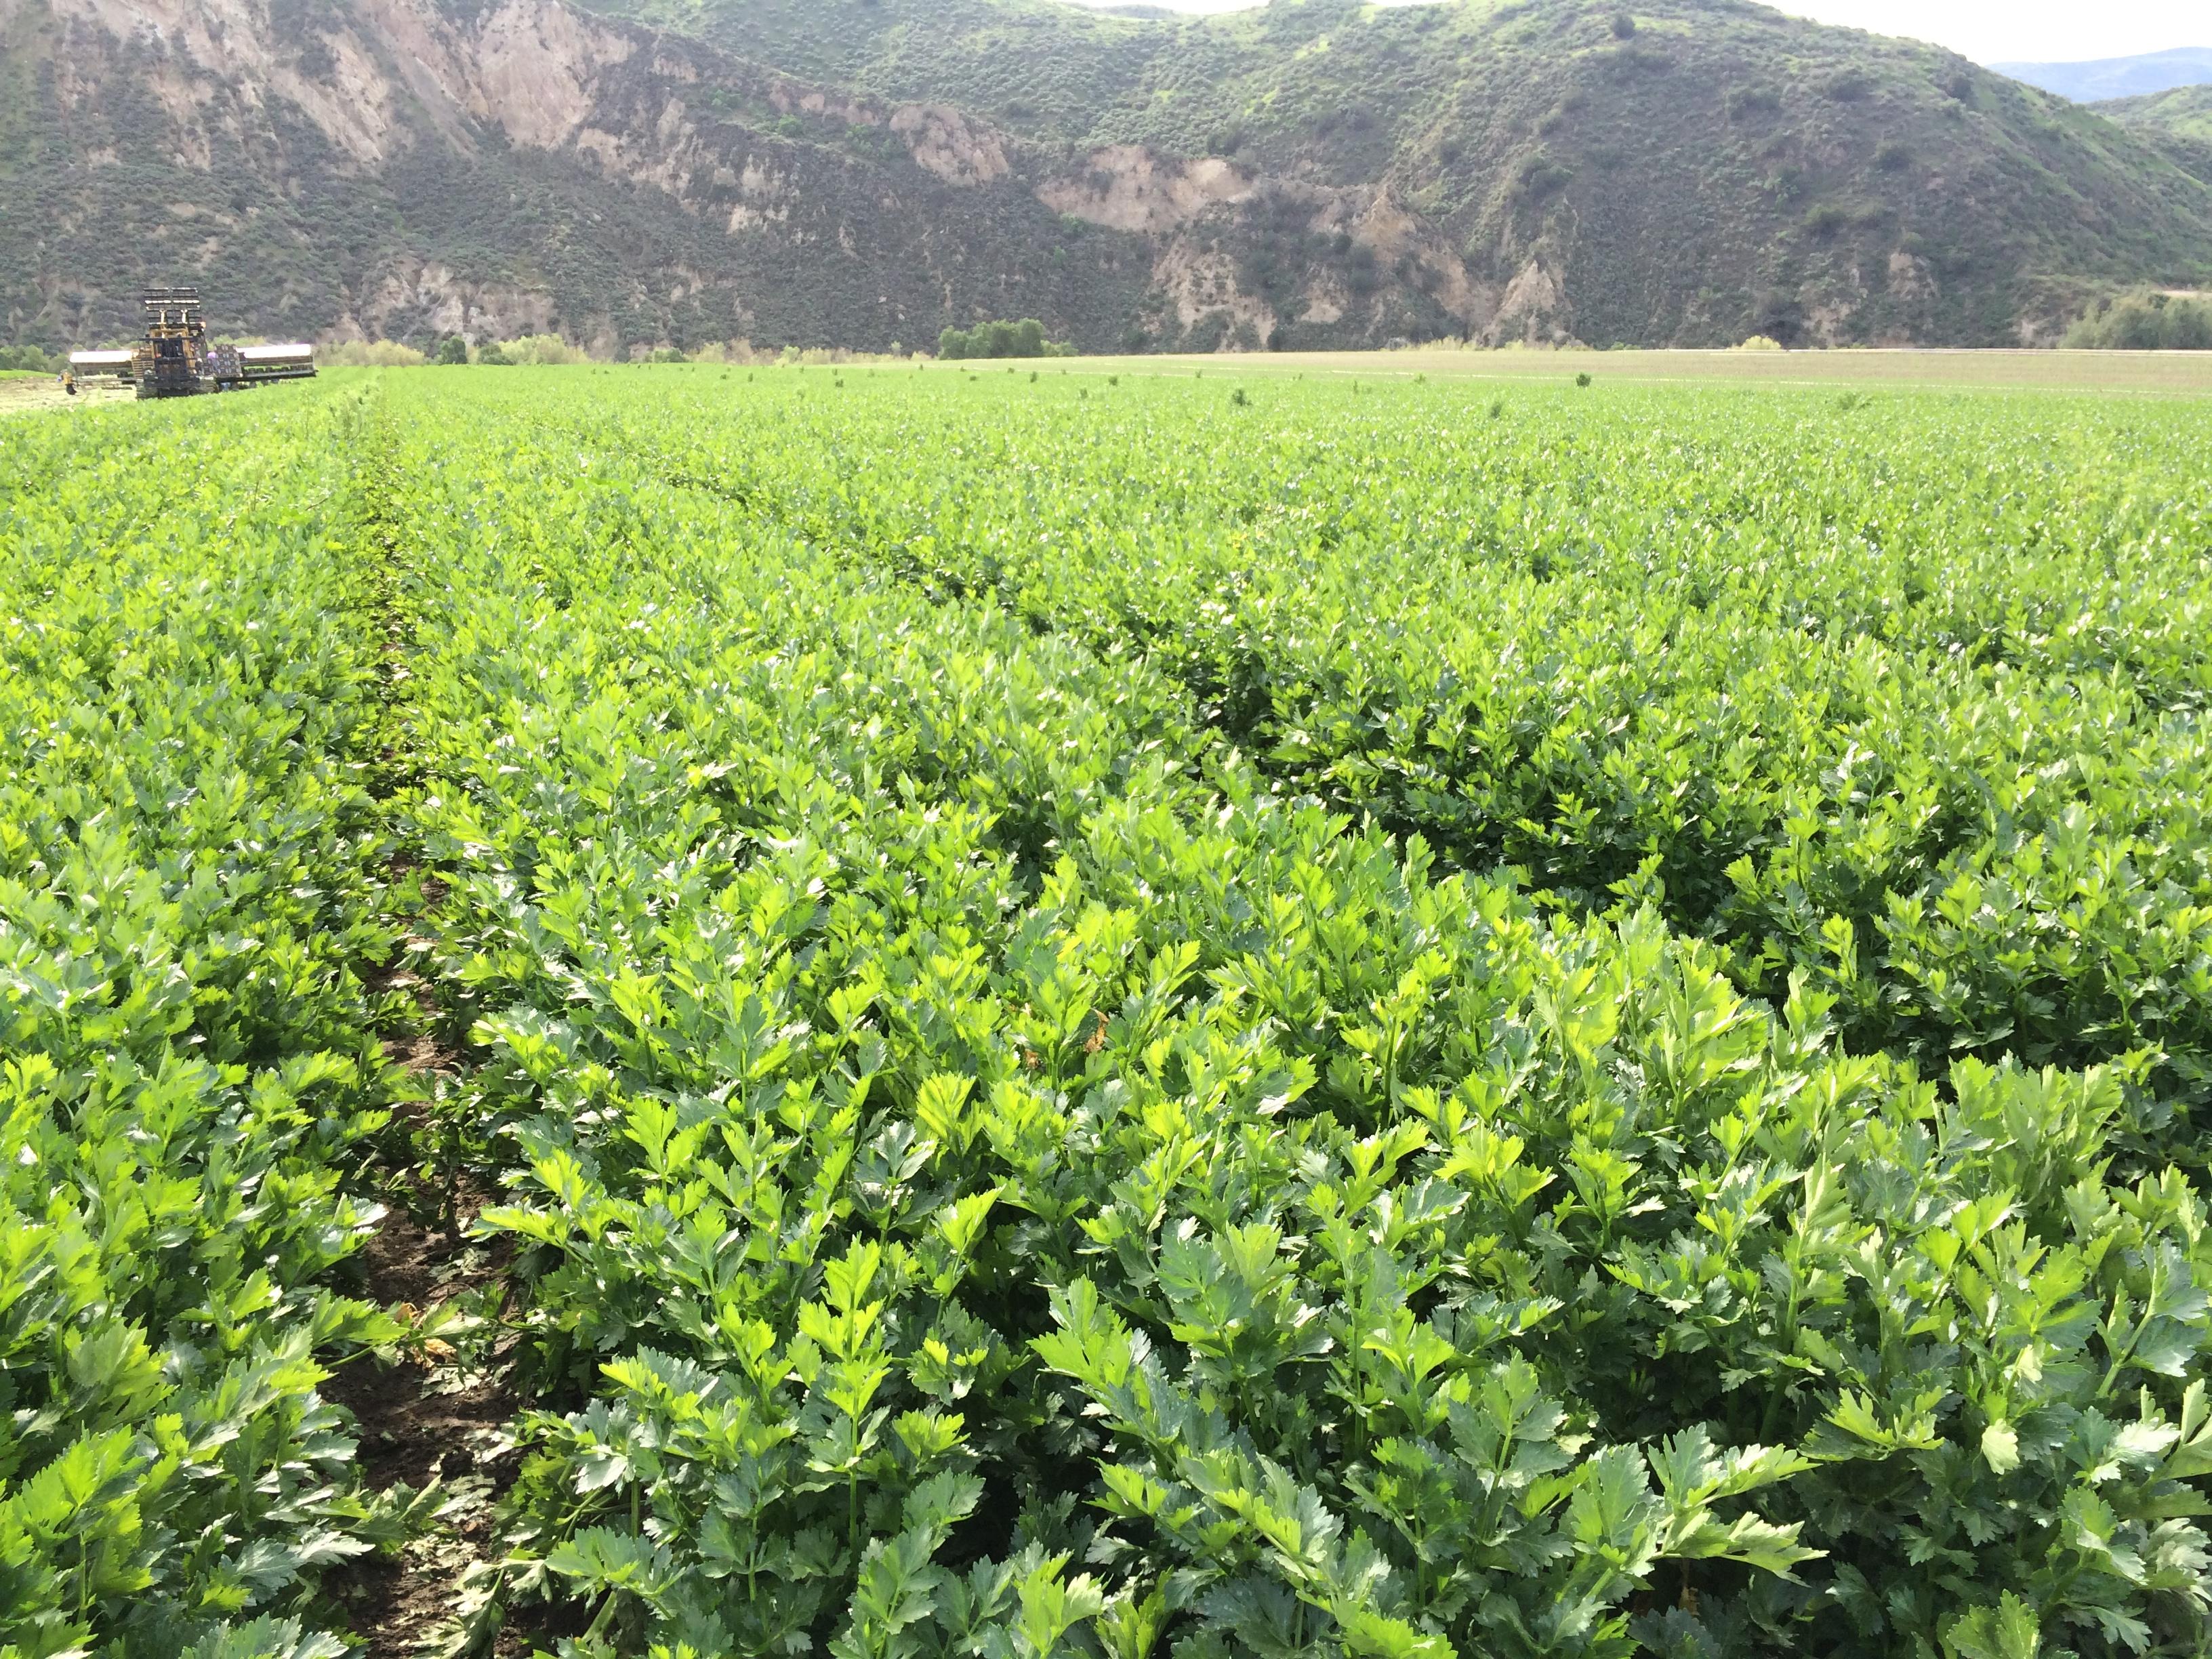 Deardorff Organics celery